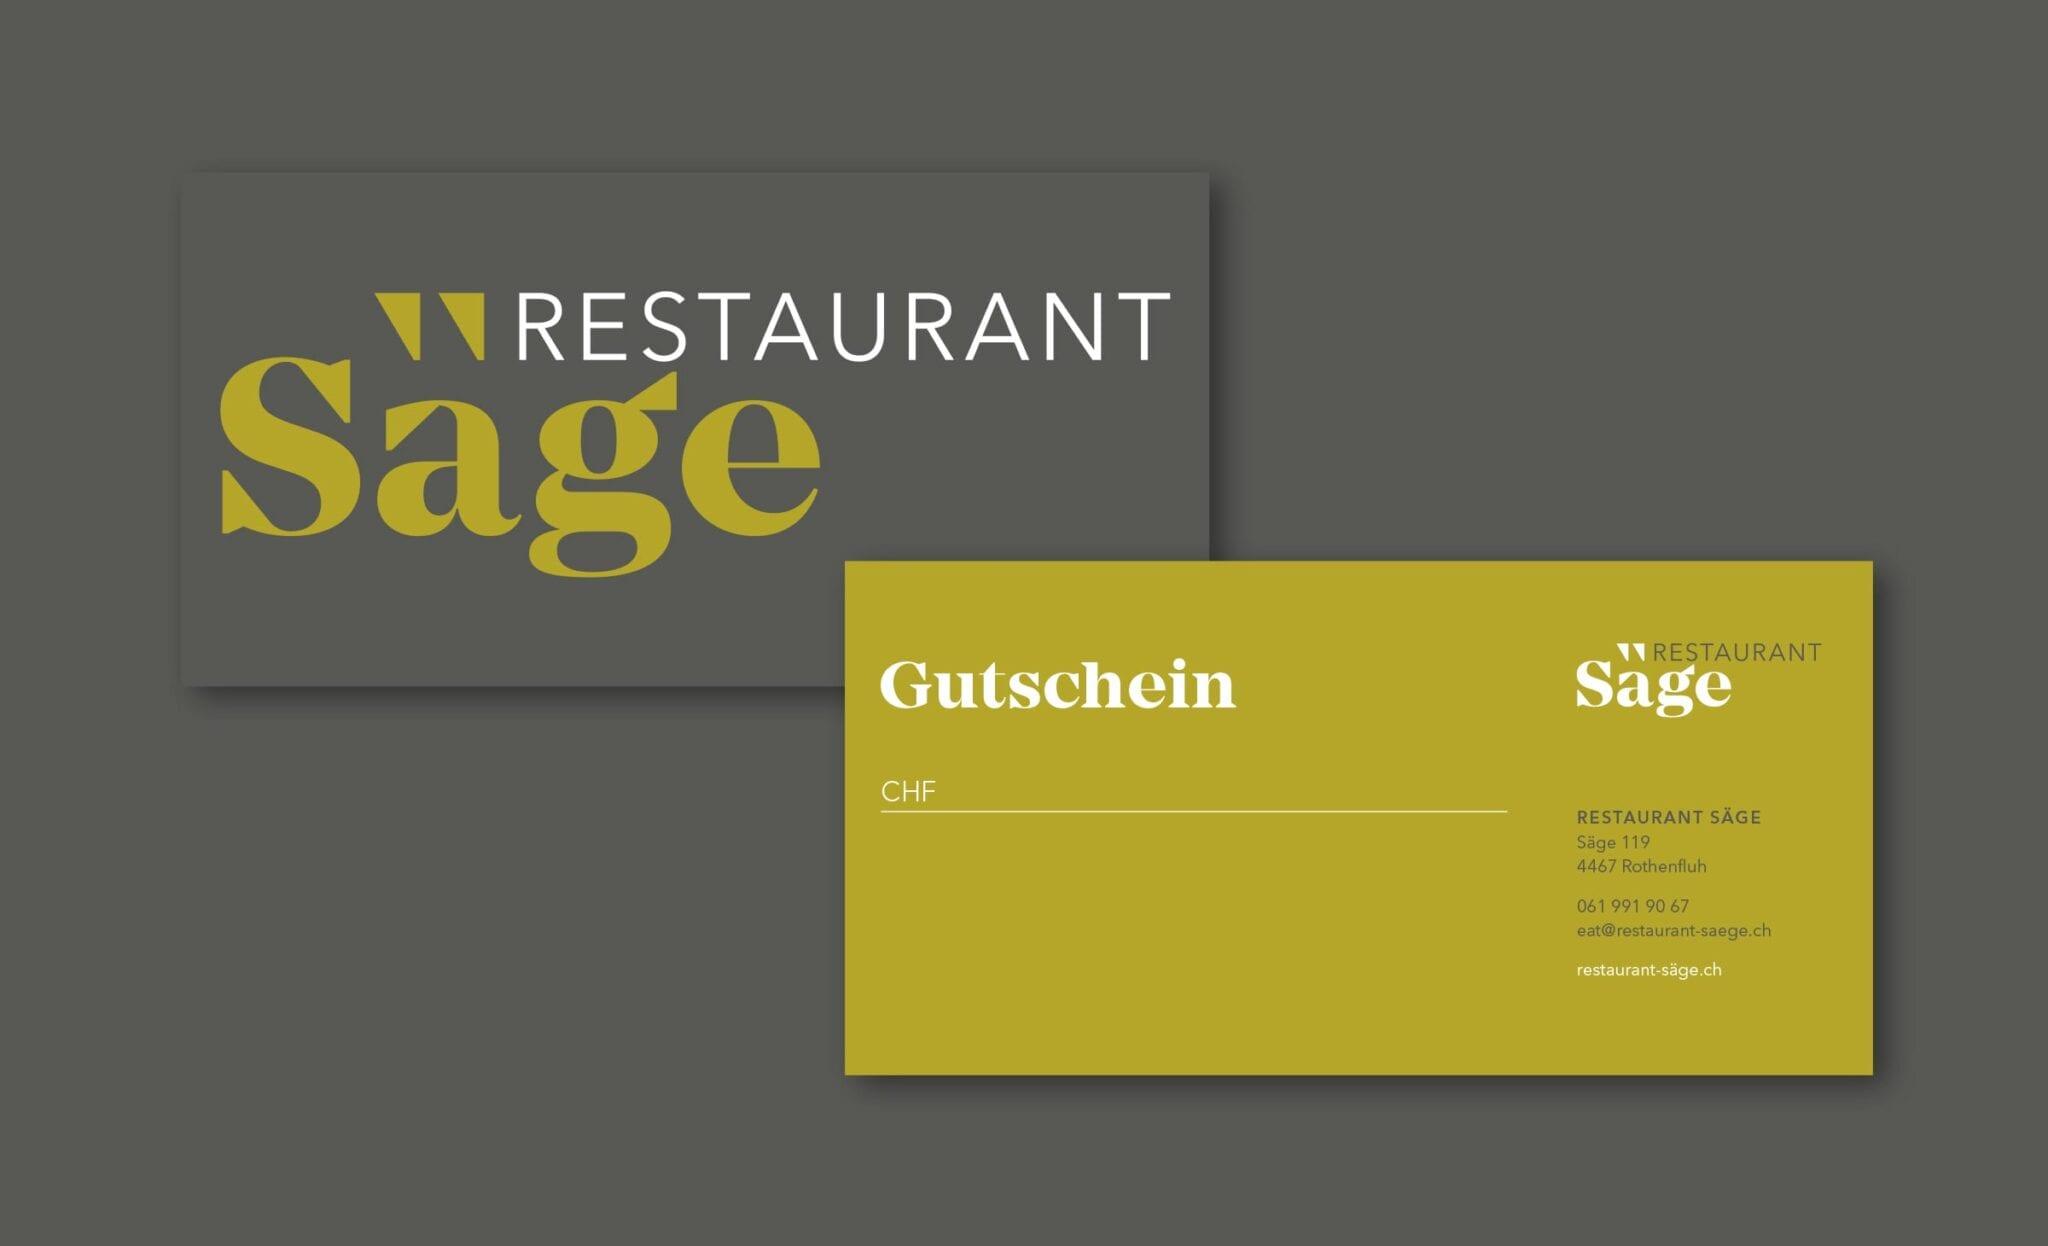 180grad_Restaurant_Saege_Gutschein